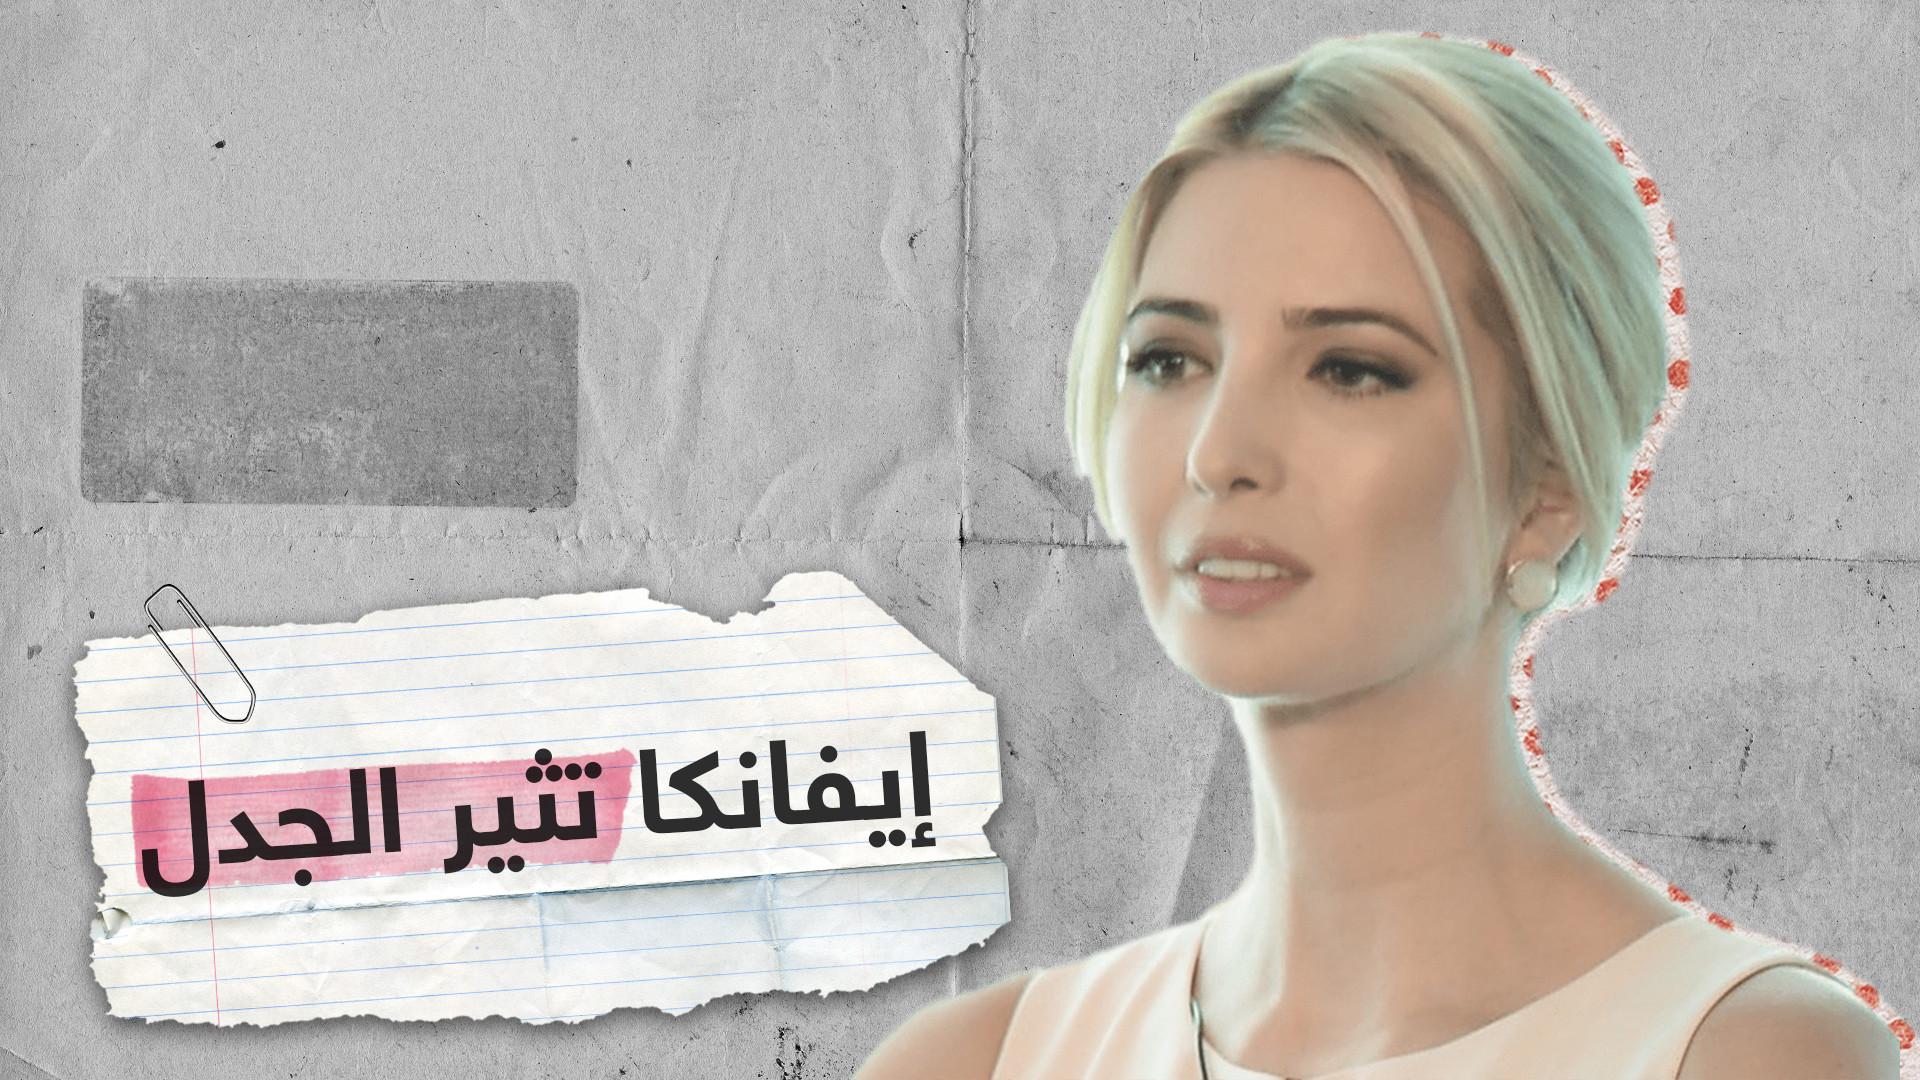 عرفوا أخبارهم منها.. تغريدة إيفانكا ترامب تثير الجدل بالمغرب